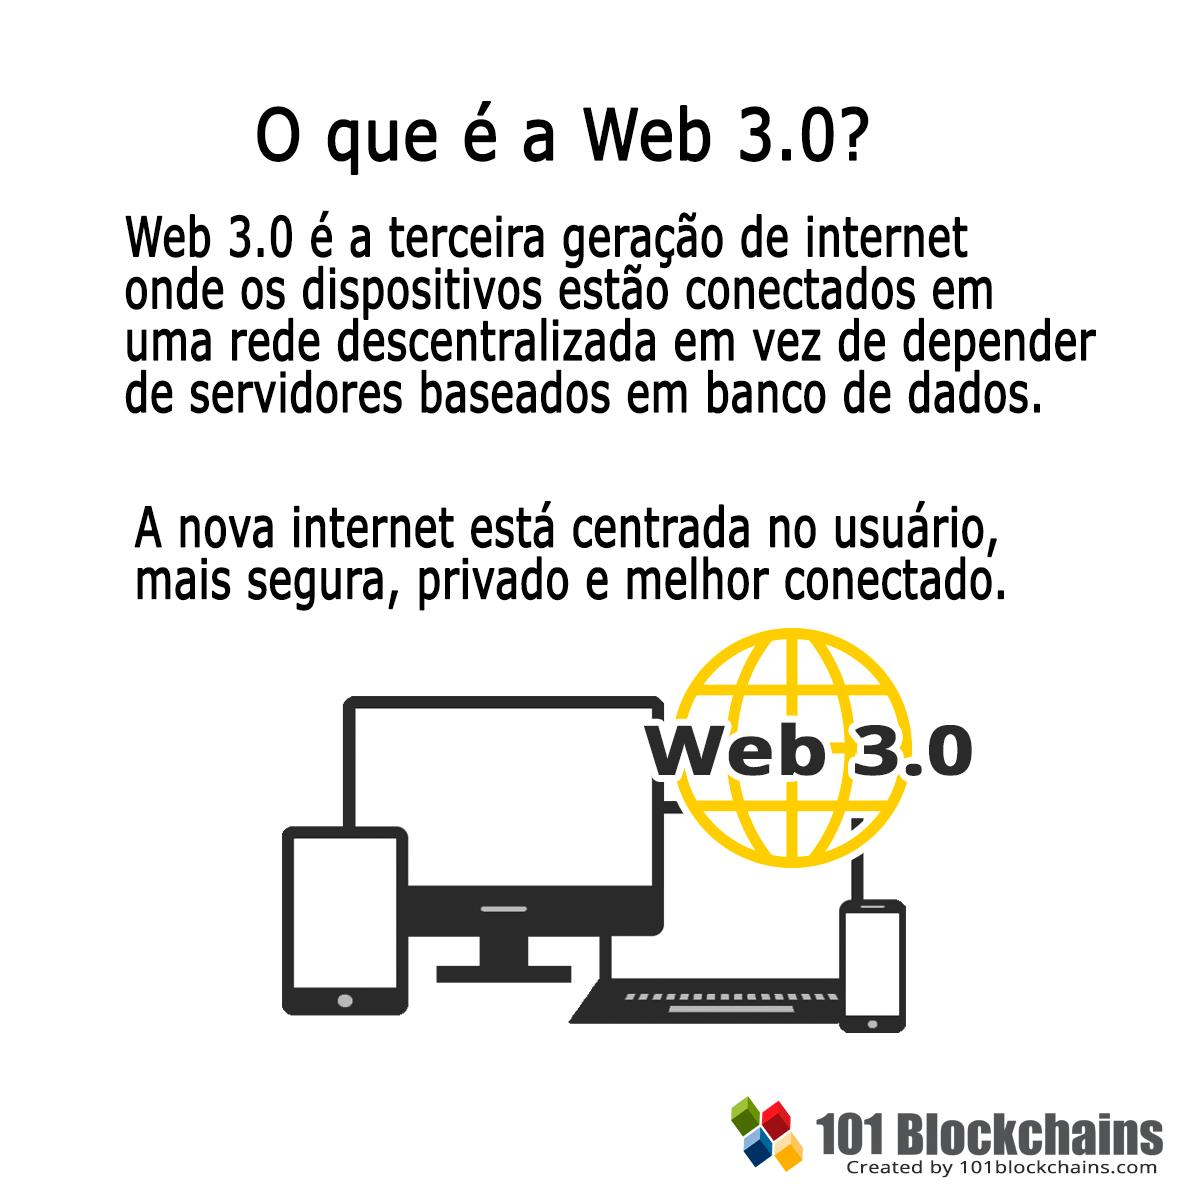 O que é a Web 3